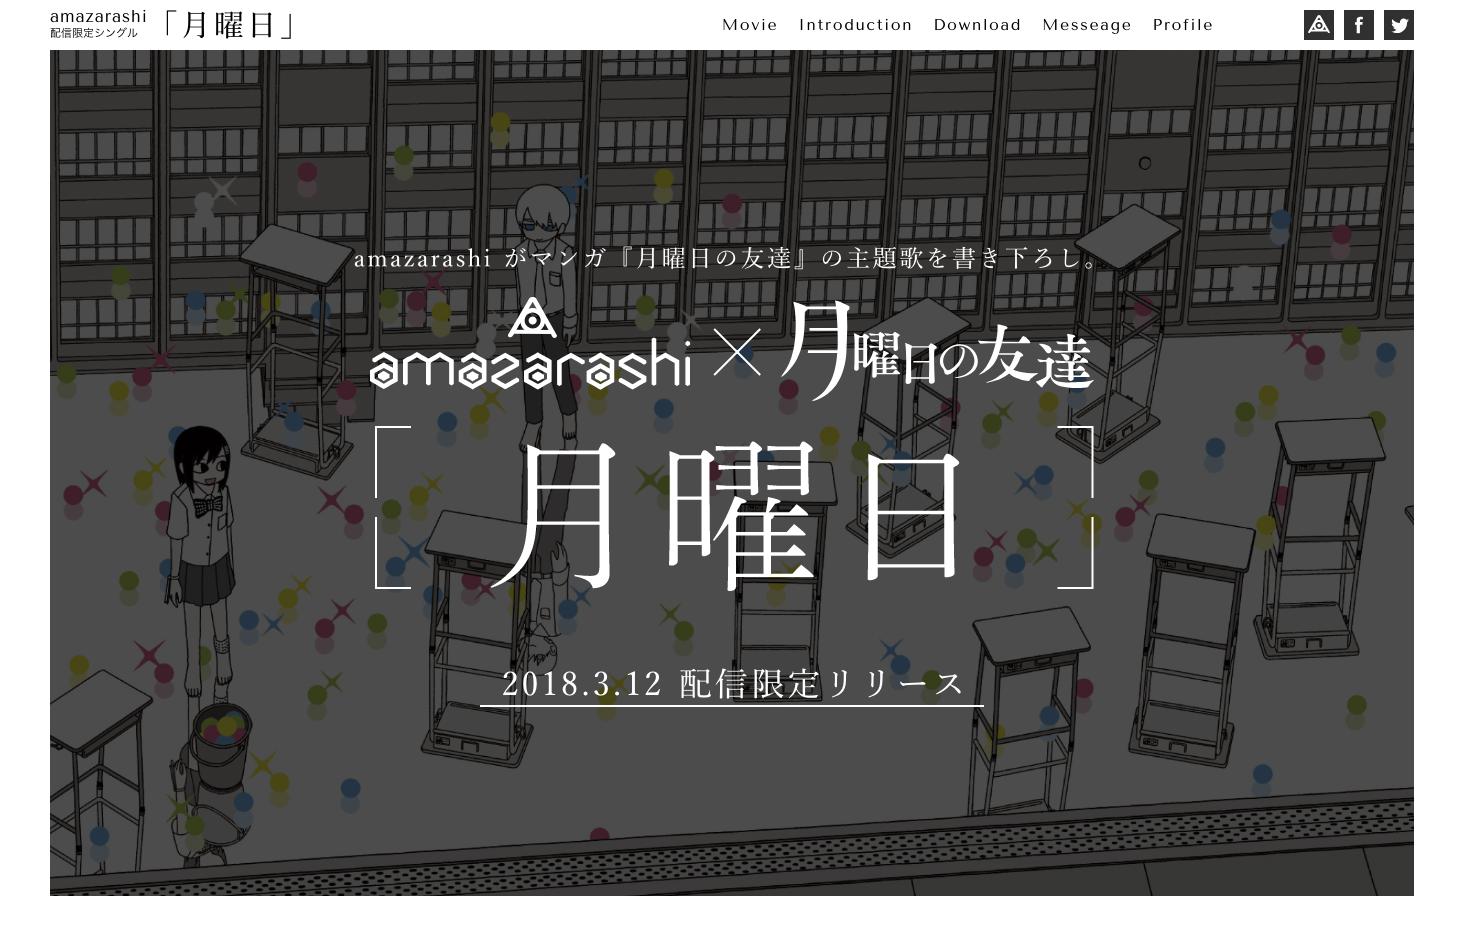 amazarashi 配信限定リリース「月曜日」